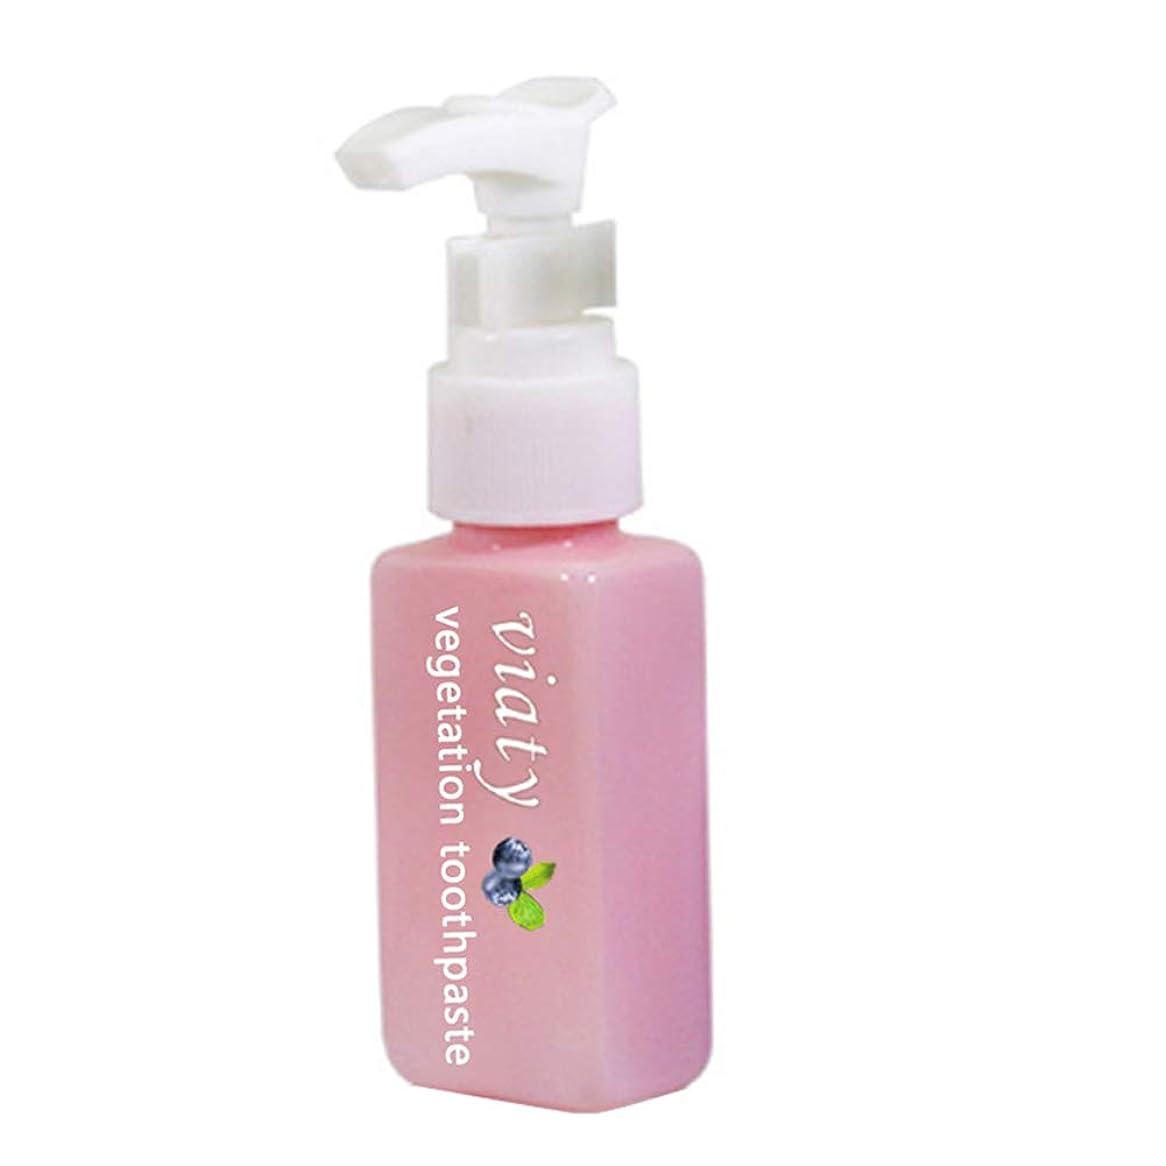 マートいらいらさせる争うTenflyer歯磨き粉アンチブリードガムプレスタイプ新鮮な歯磨き粉を白くする汚れ除去剤